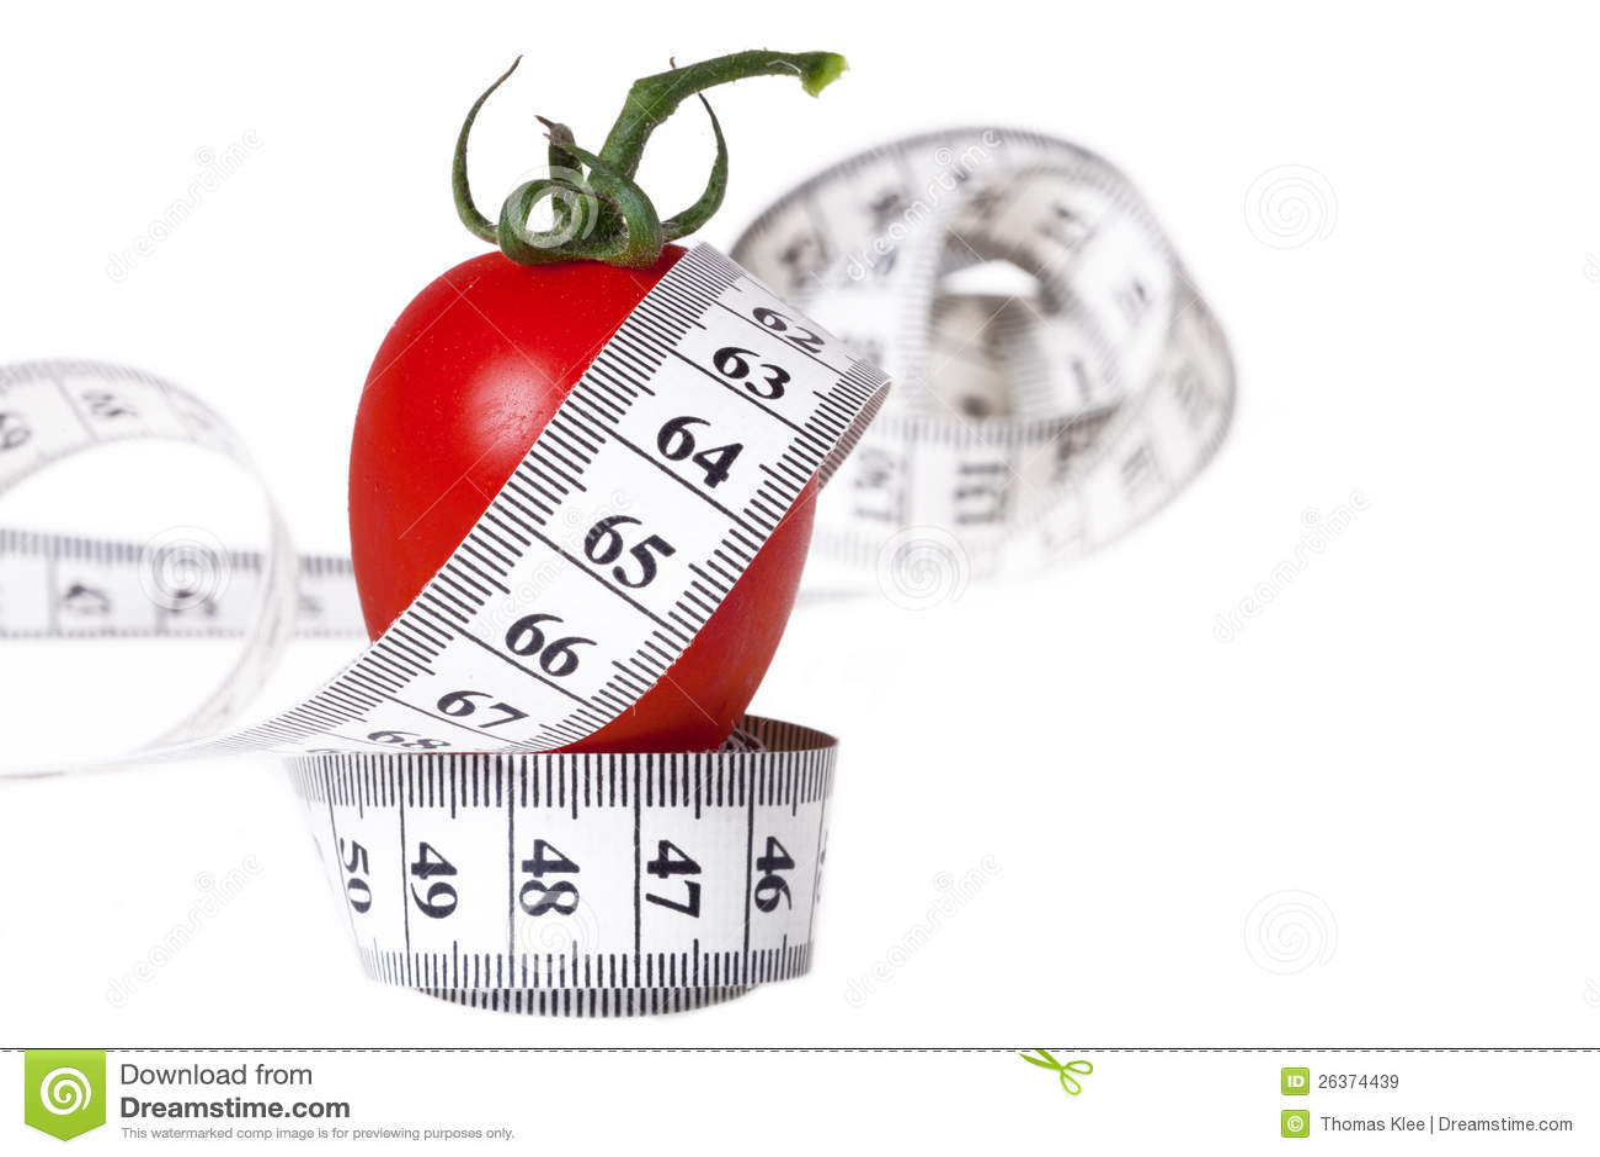 Messendes Band - gesunde Nahrung und Diät